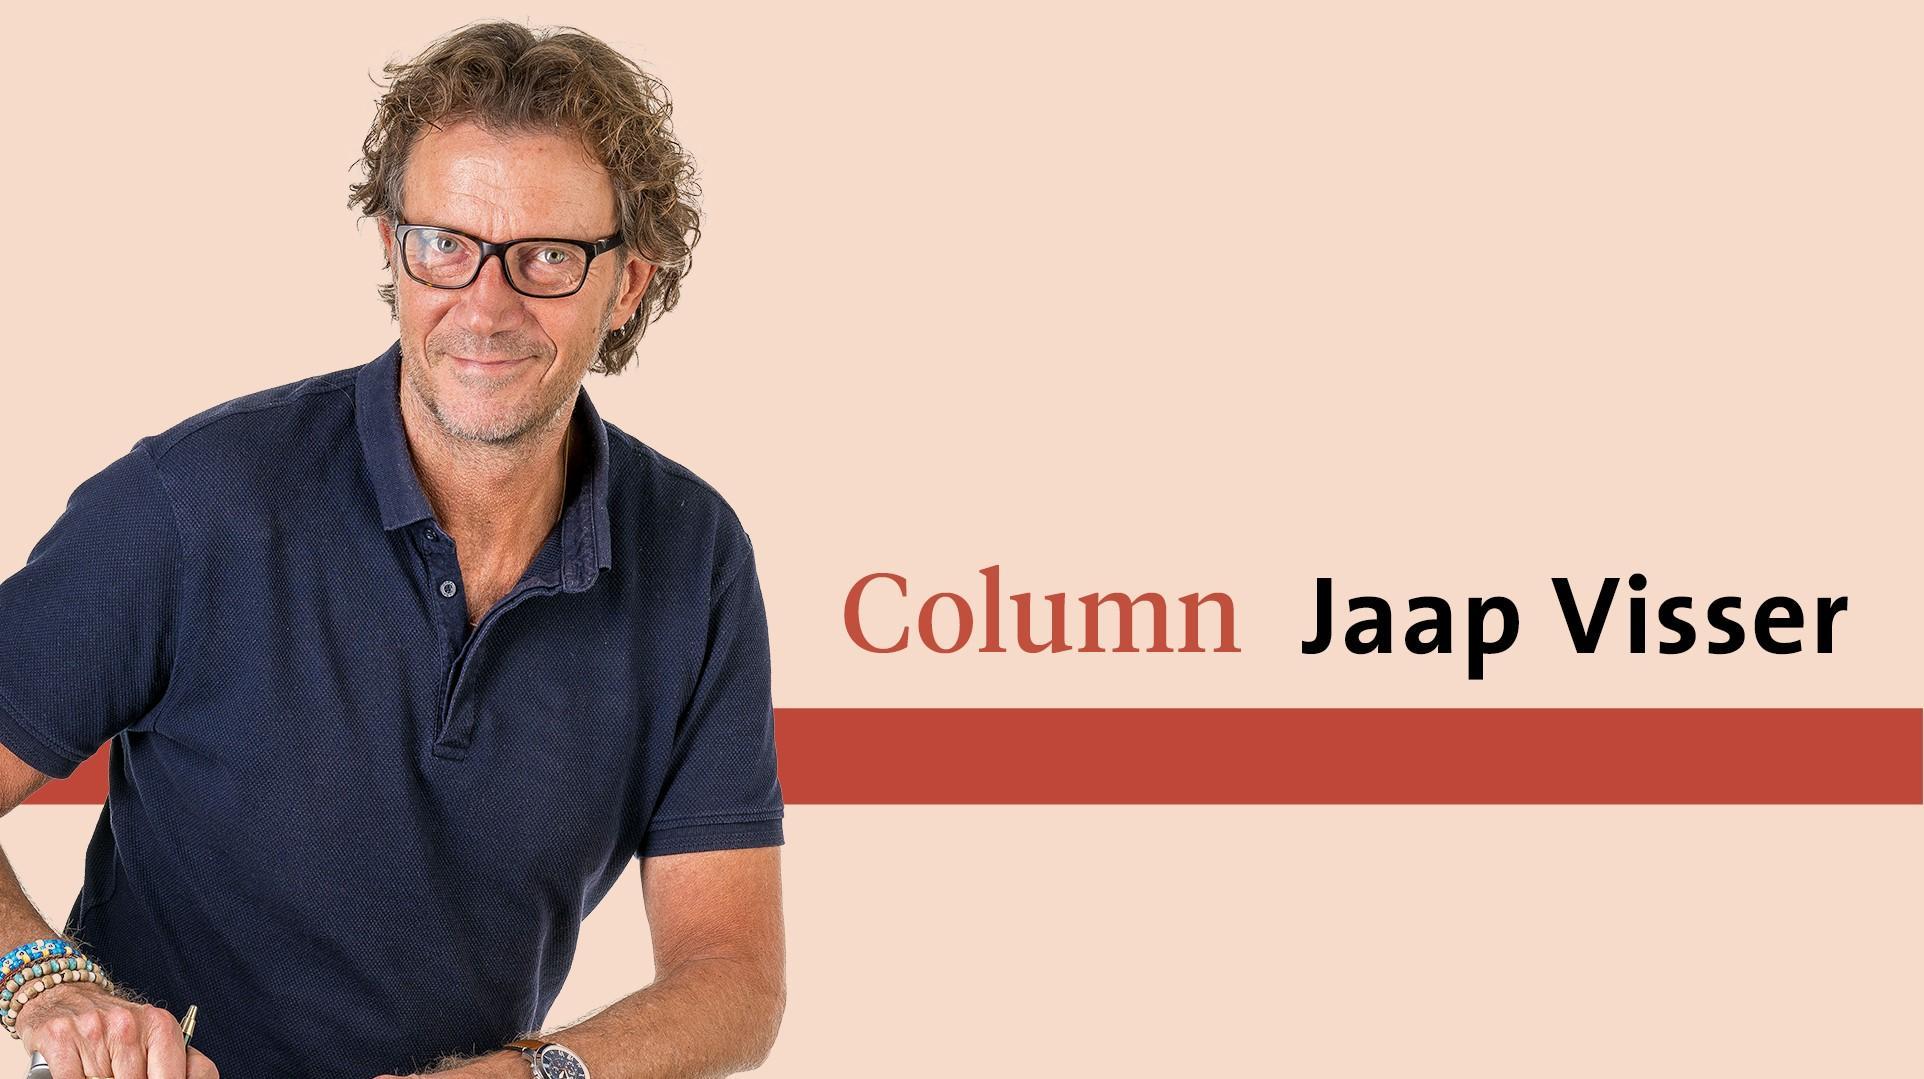 Grimlach en schrik om de avondklok | column Jaap Visser